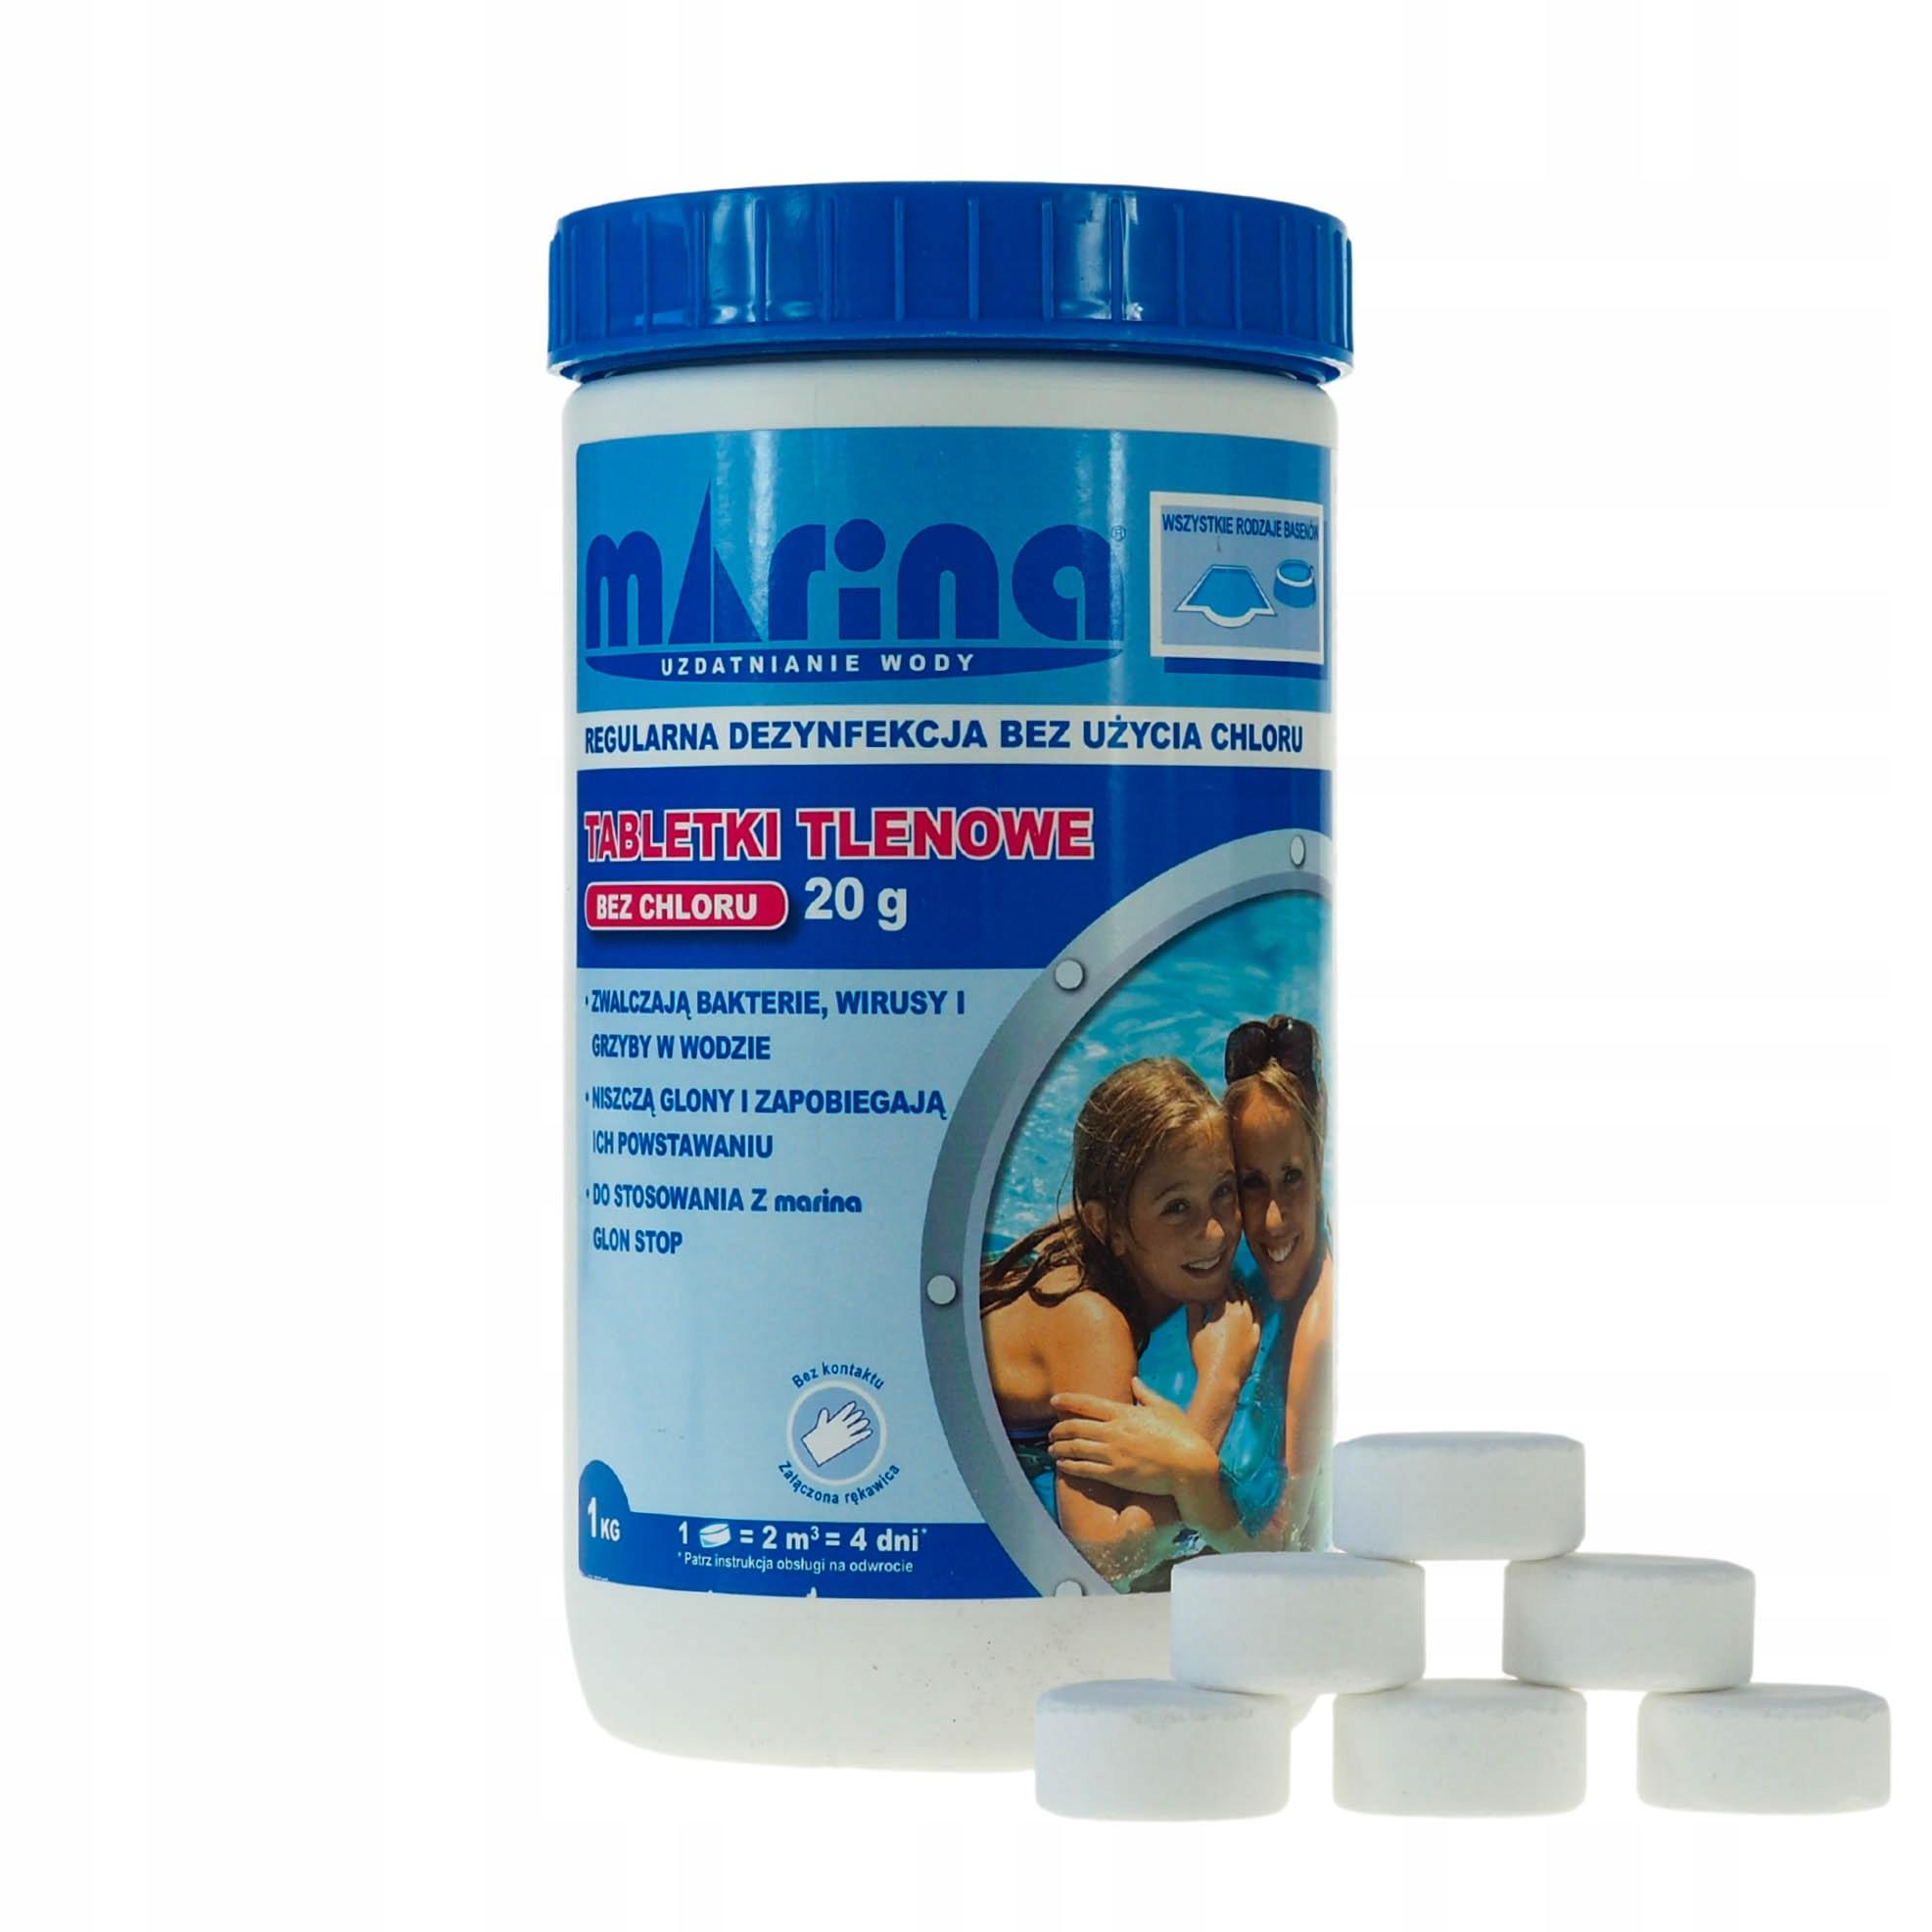 Kyslíkové tablety pre bazén Marina bez chlóru 1KG